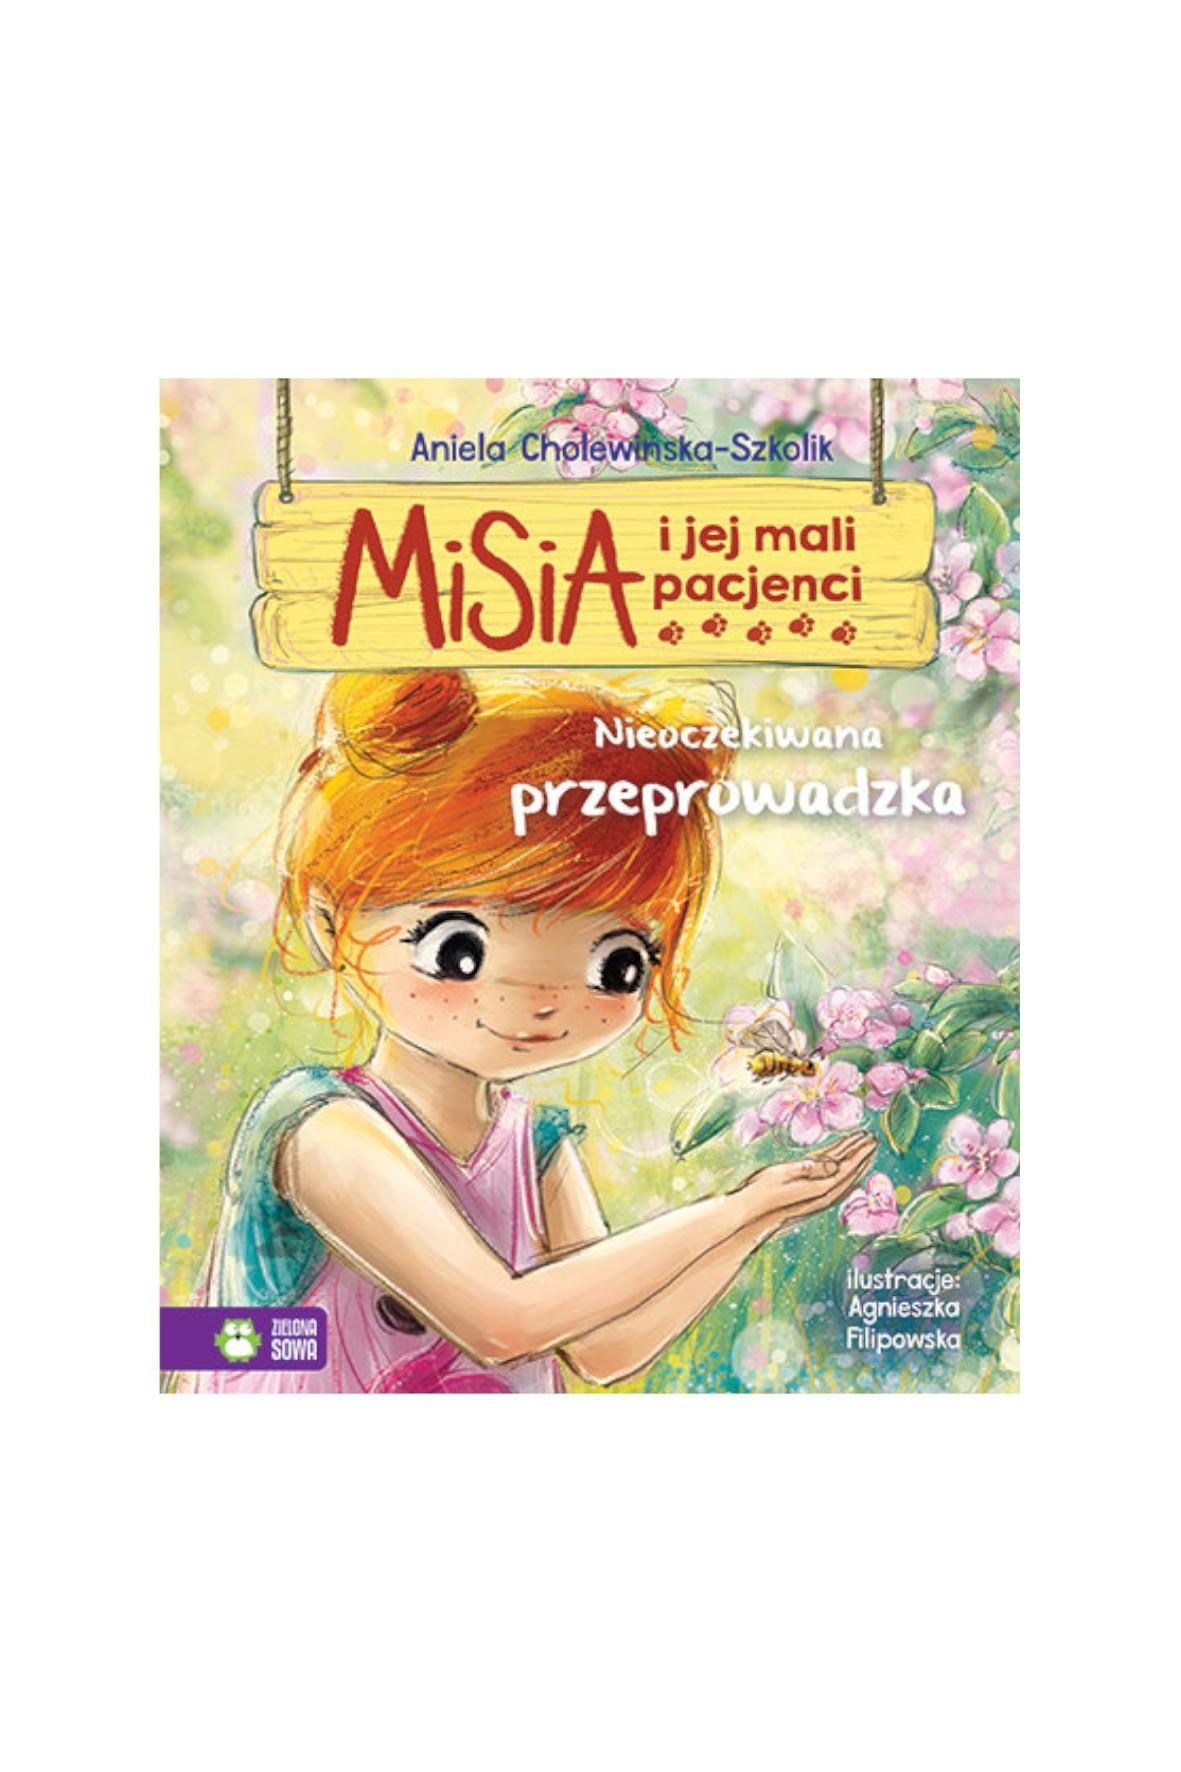 Książka dla dzieci- Nieoczekiwana przeprowadzka. Misia i jej mali pacjenci wiek 4+